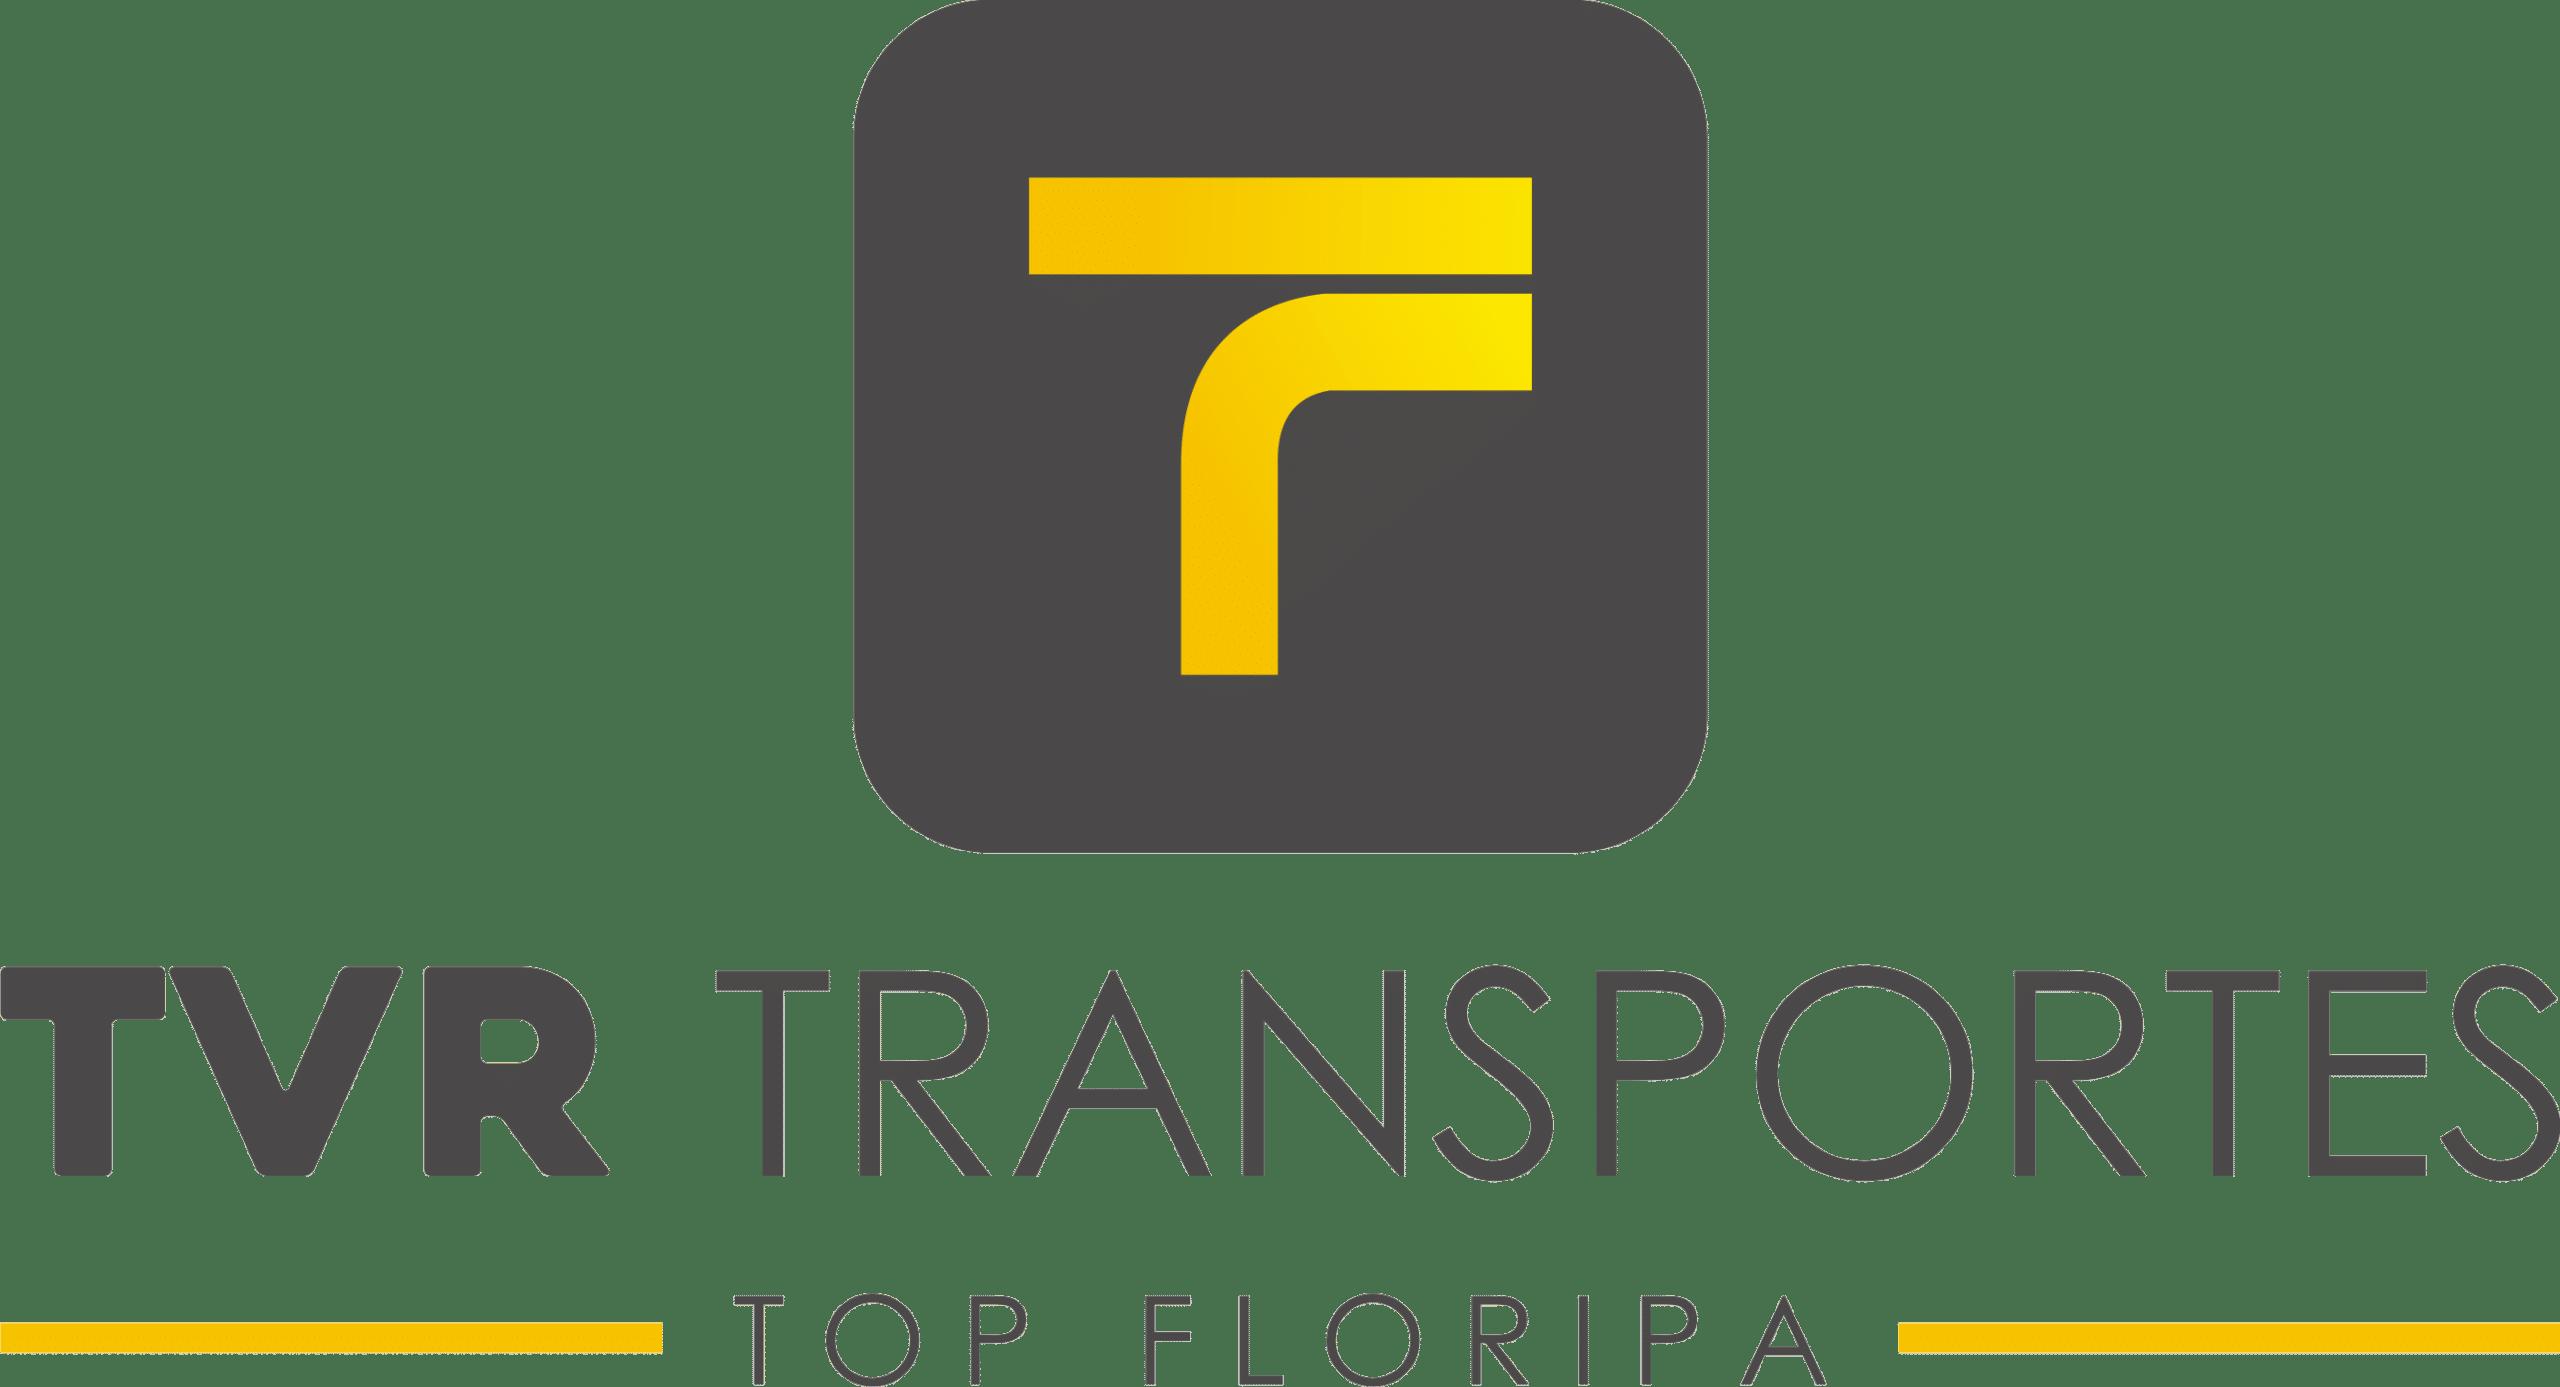 LOGO TVR TRANSPORTES 01